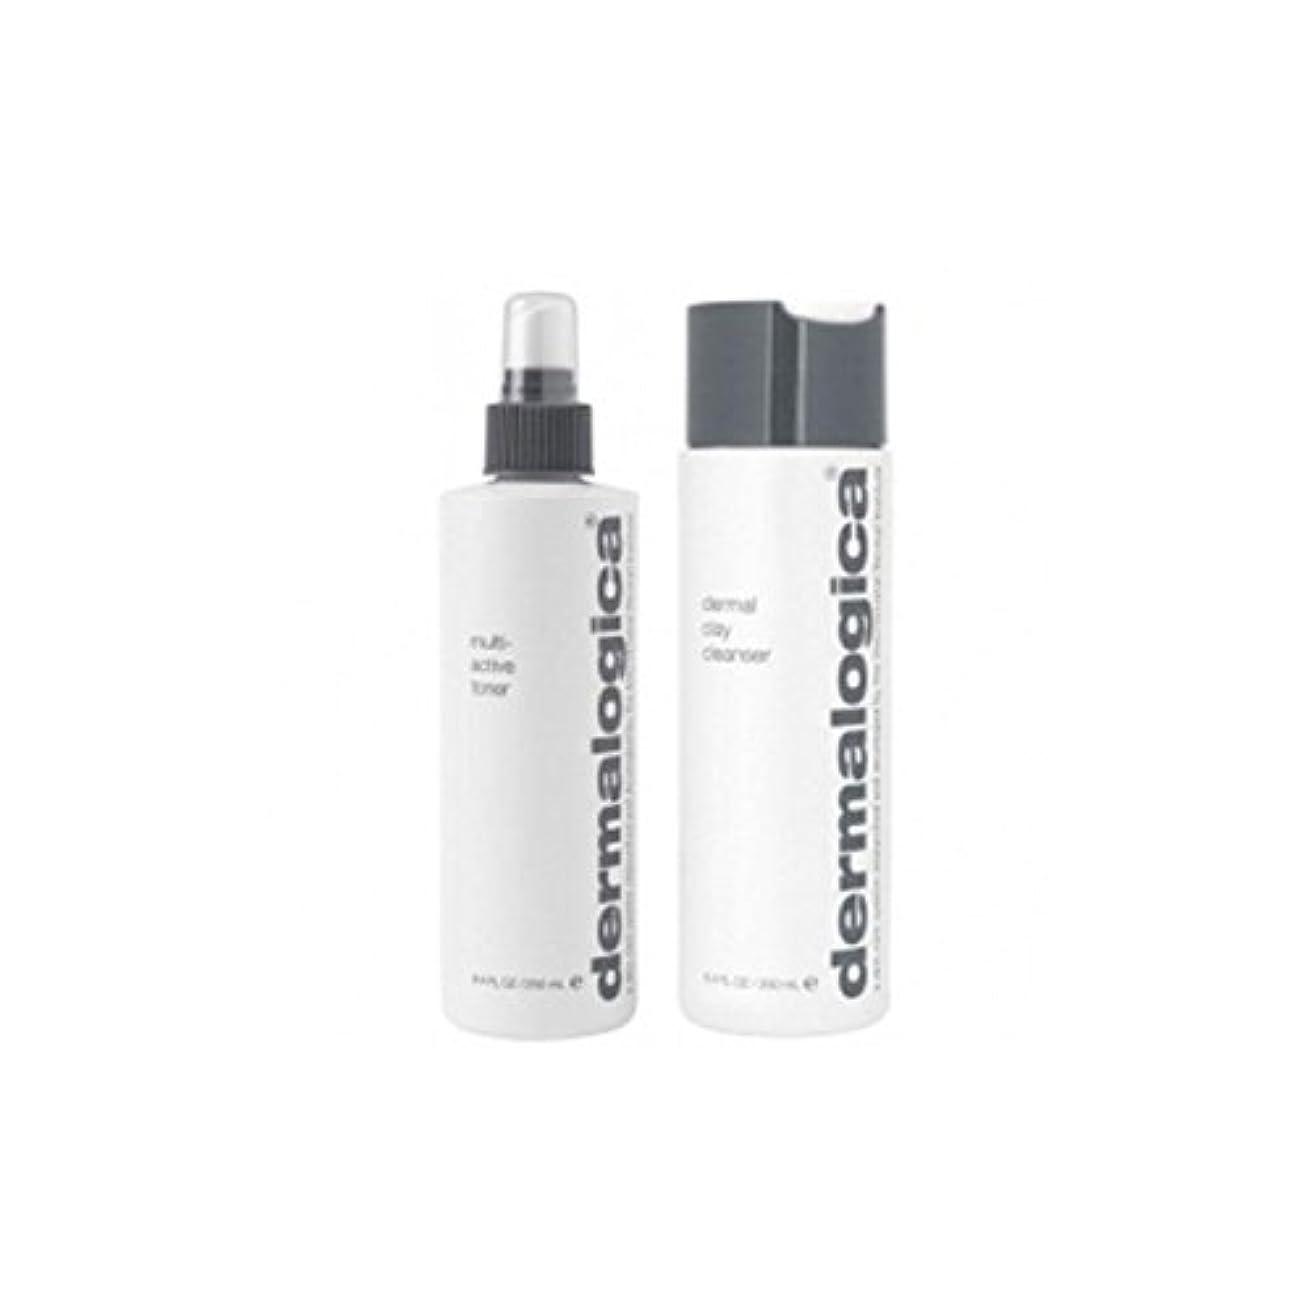 批判リマーク共和党ダーマロジカクレンジング&トーンデュオ - 脂性肌(2製品) x2 - Dermalogica Cleanse & Tone Duo - Oily Skin (2 Products) (Pack of 2) [並行輸入品]